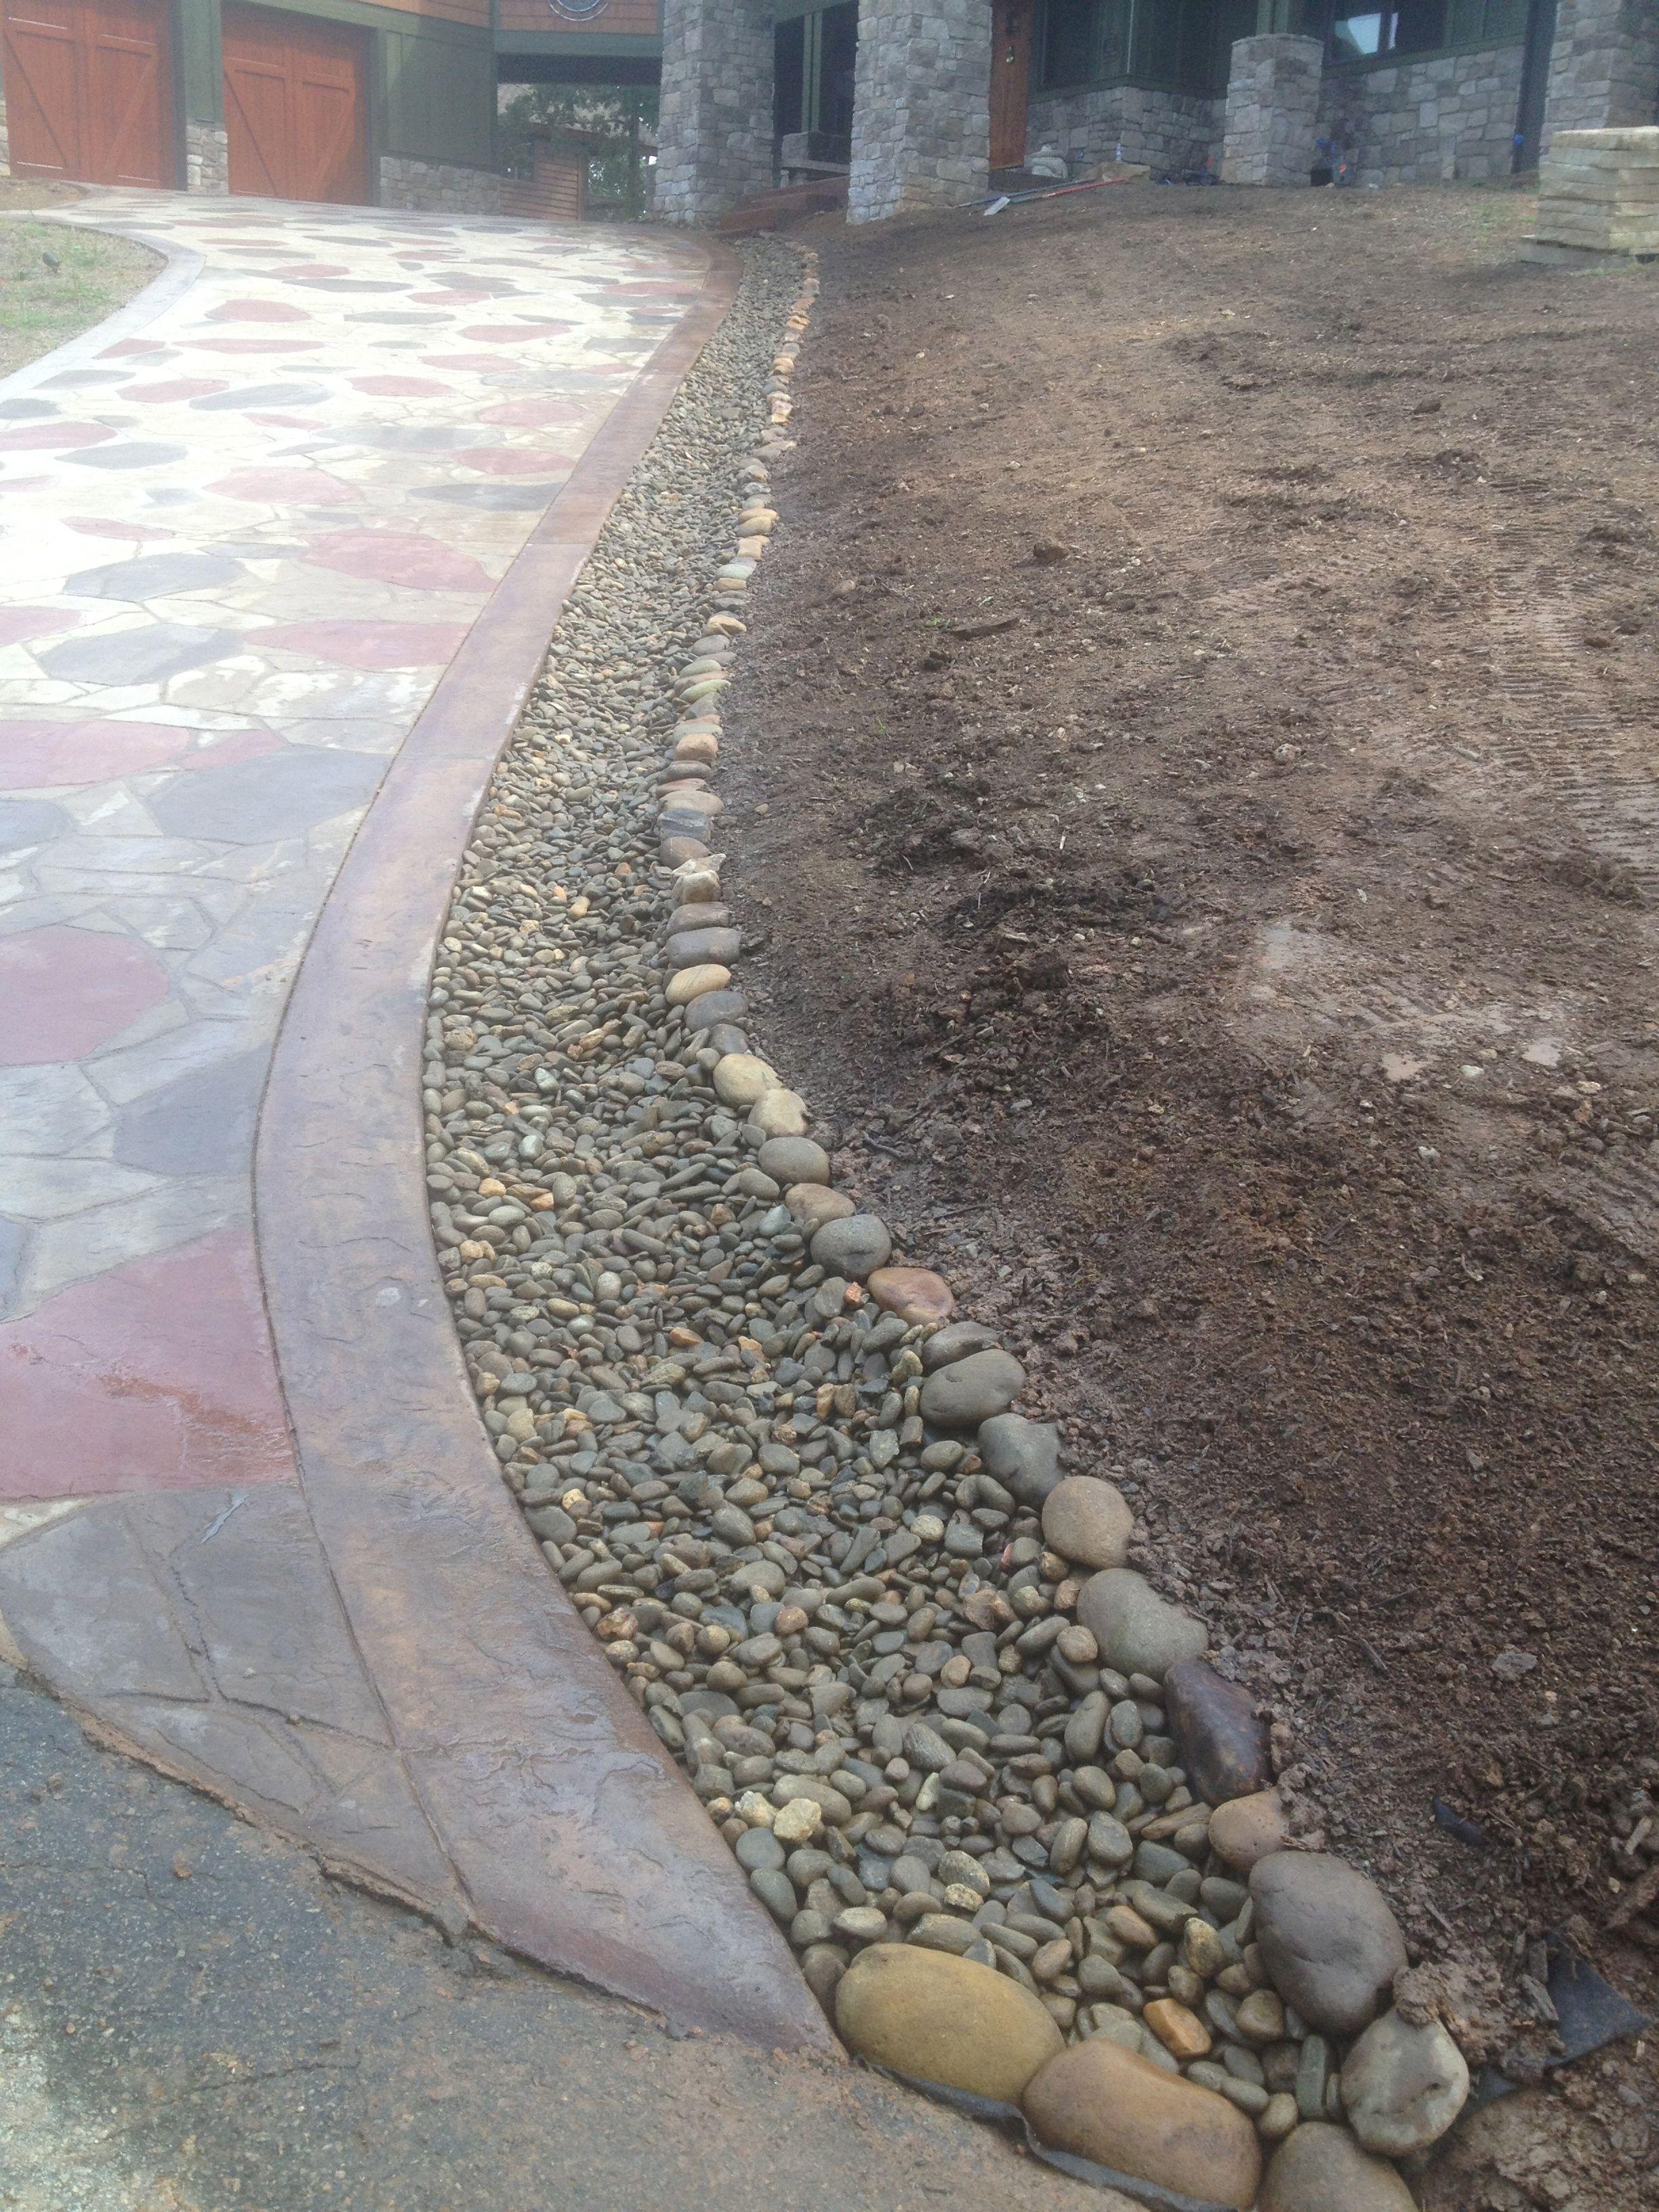 divert water runoff